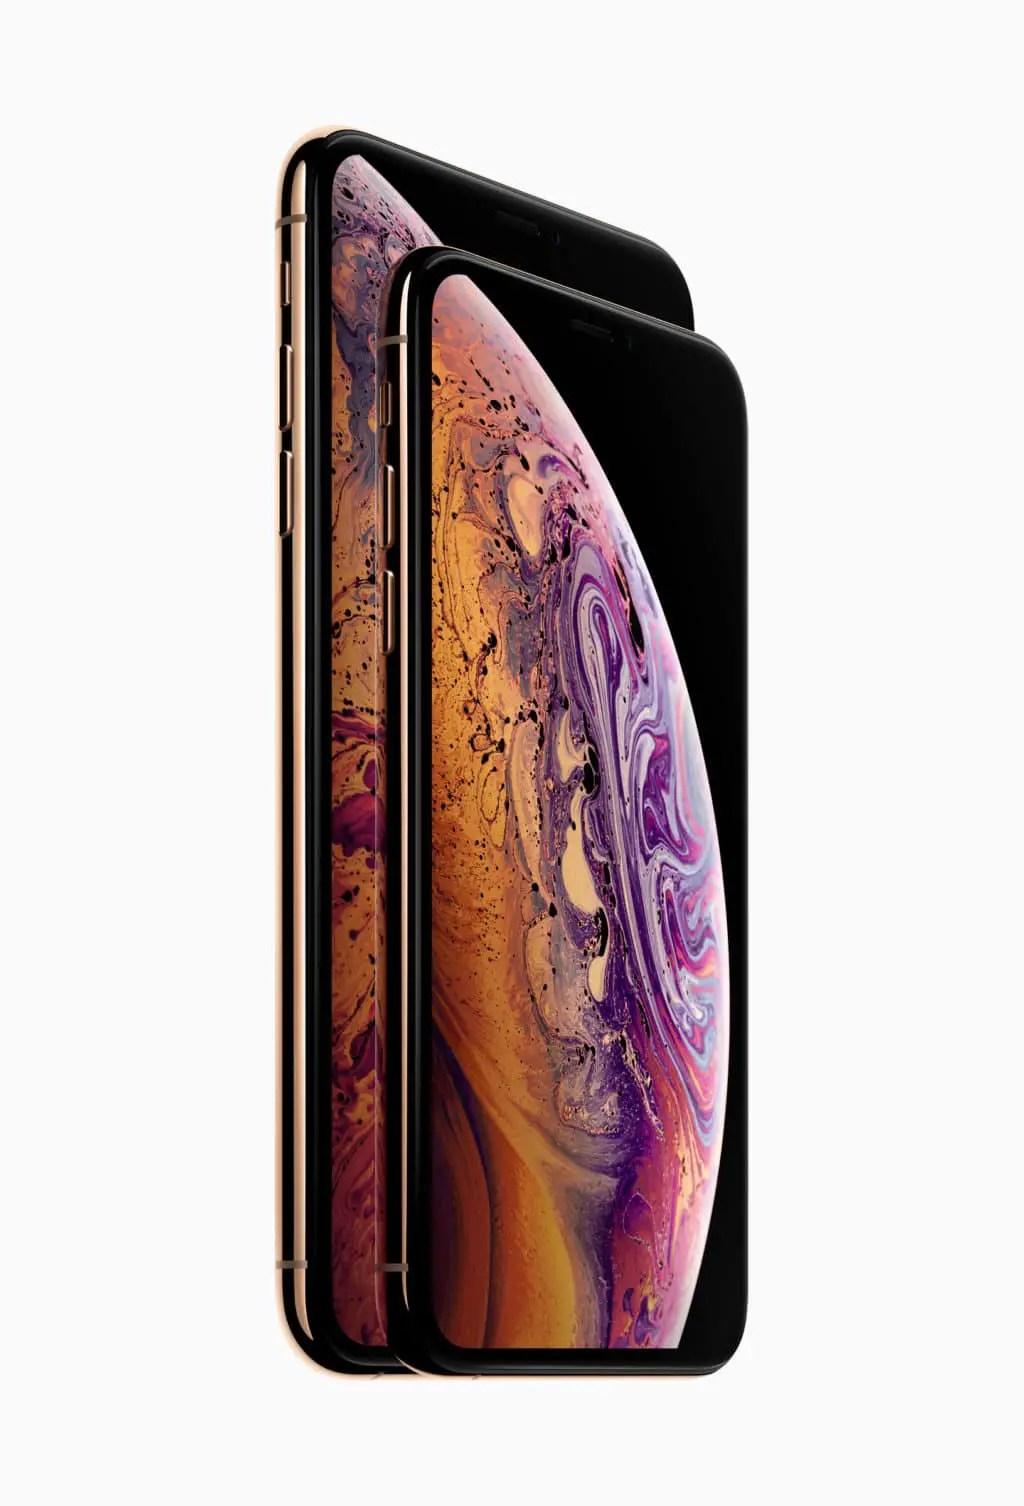 iPhoneXSandMax-displayspecs